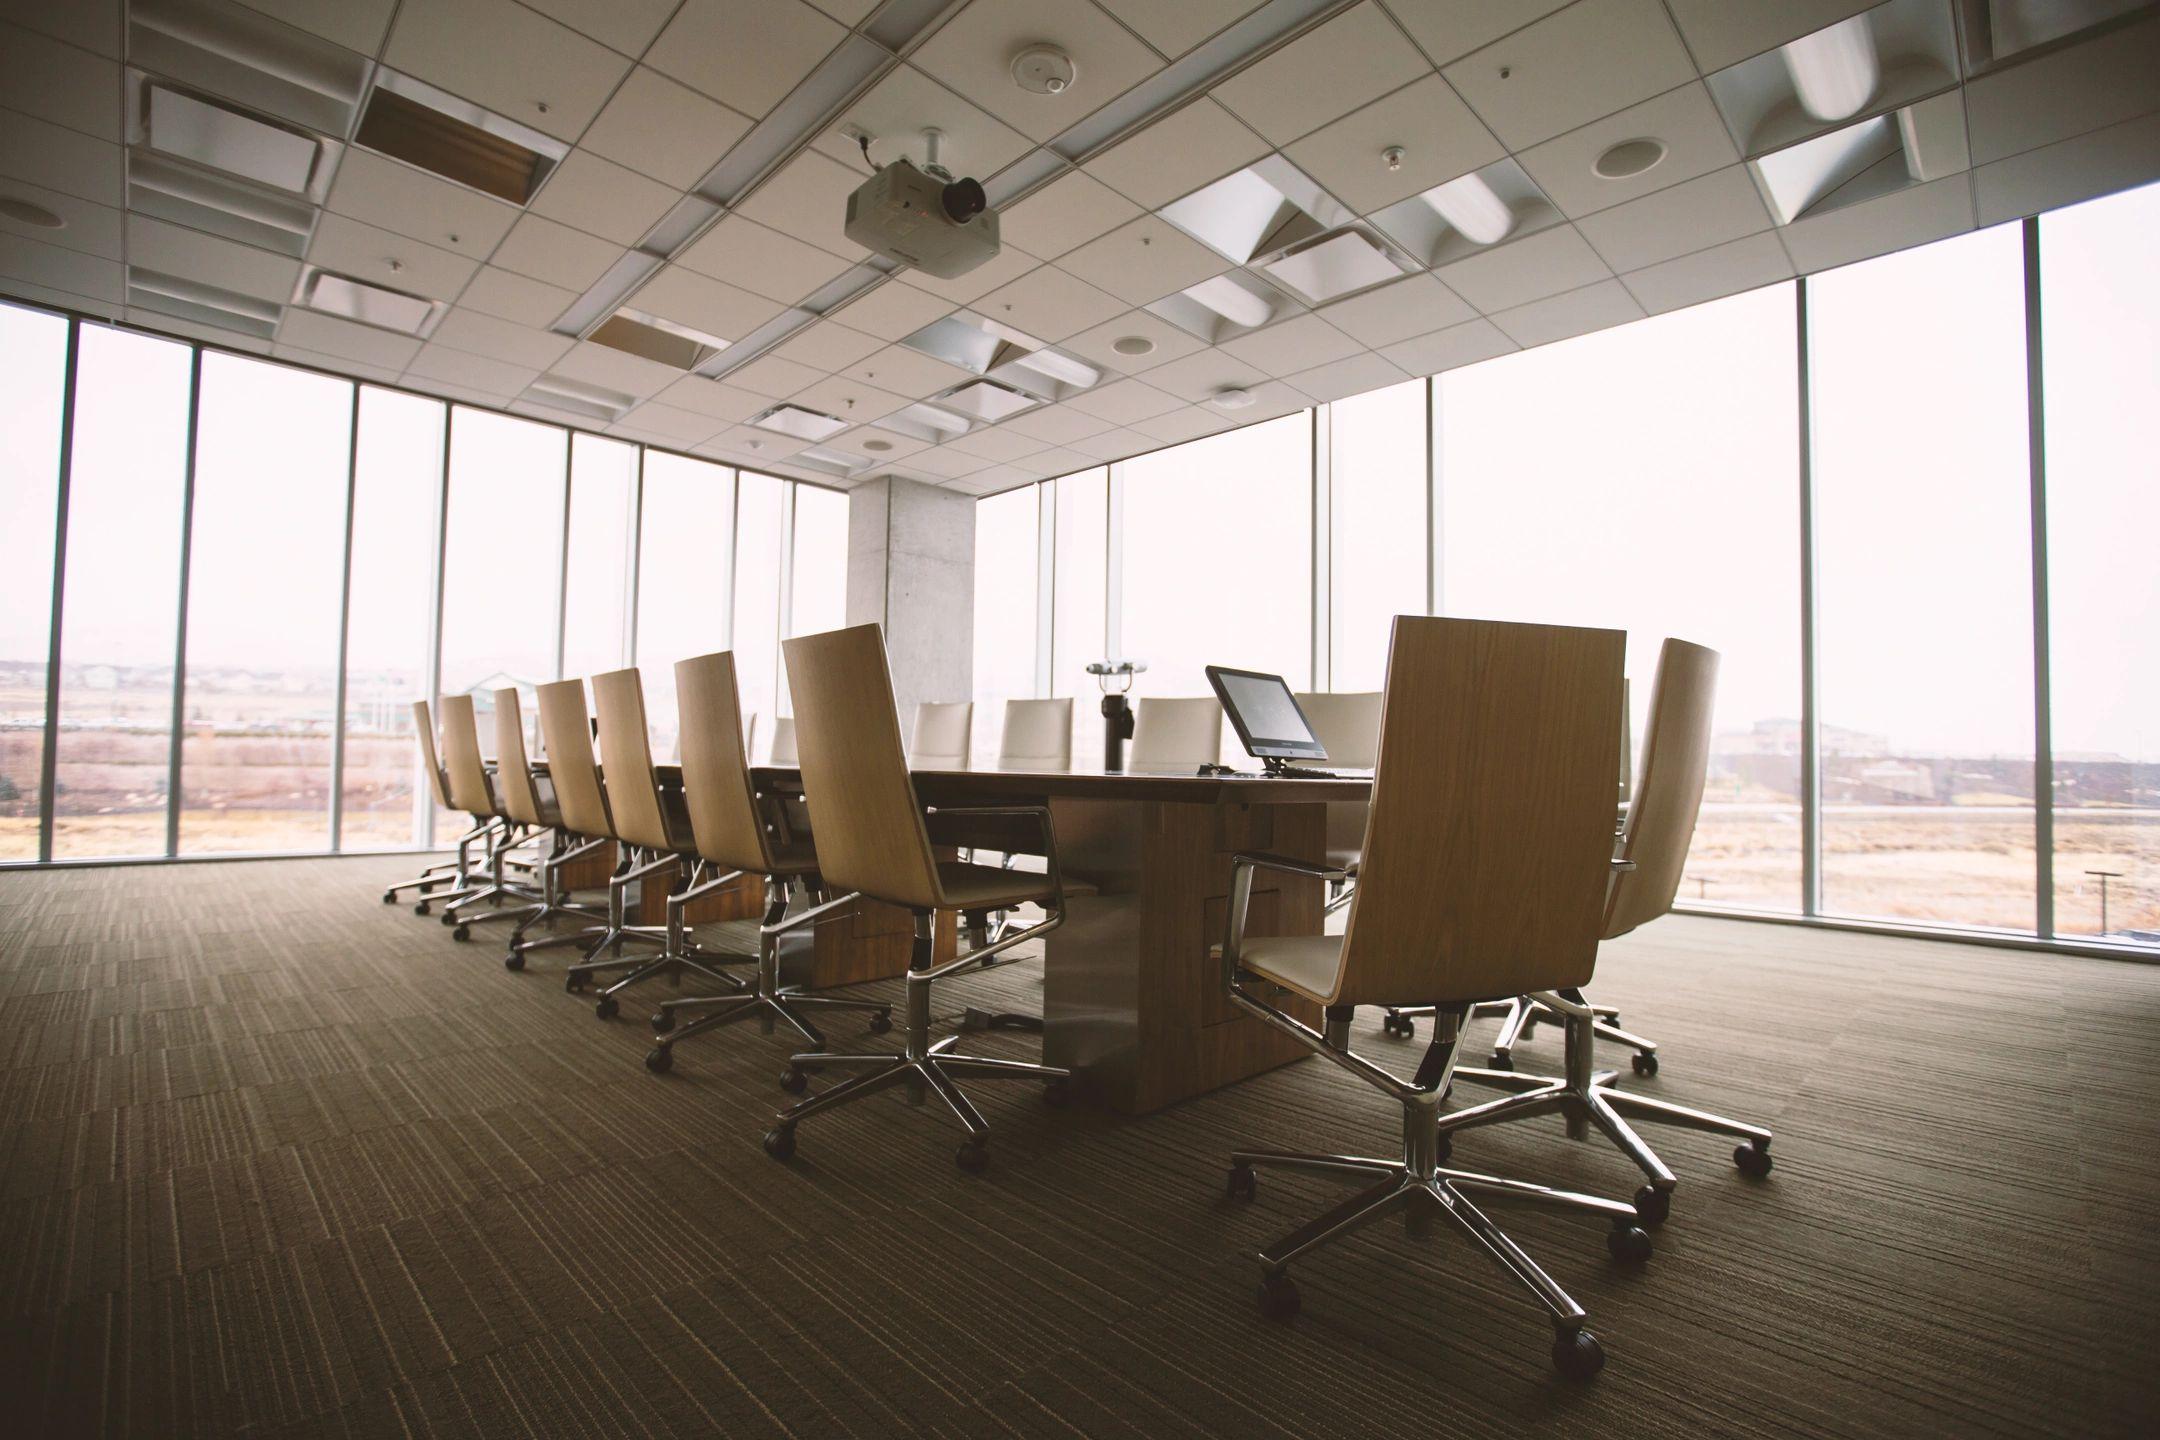 AV System Presentation room